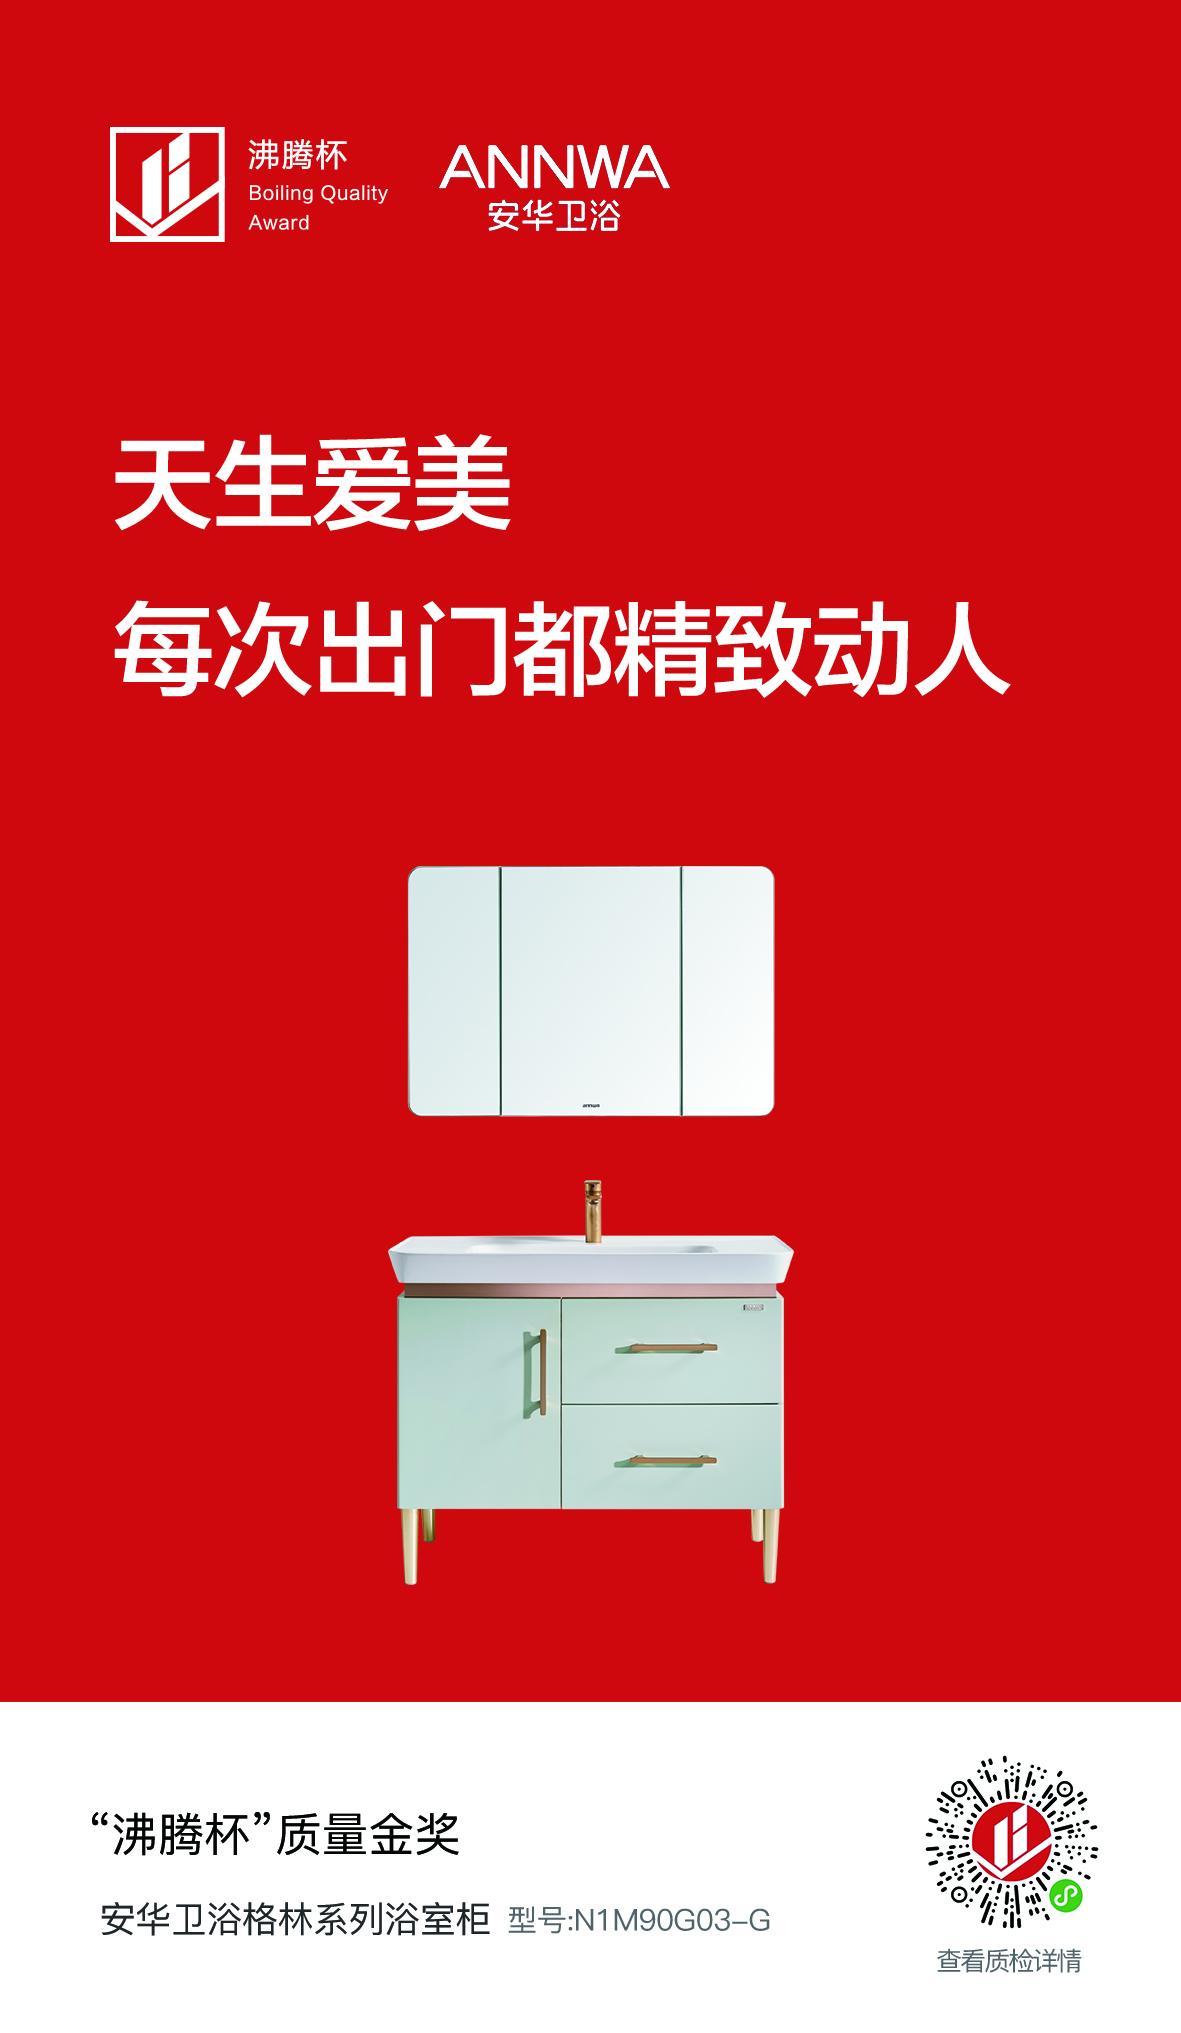 天生爱美,每次出门都精致动人,上海展期间也可以多关注市场上火热的产品